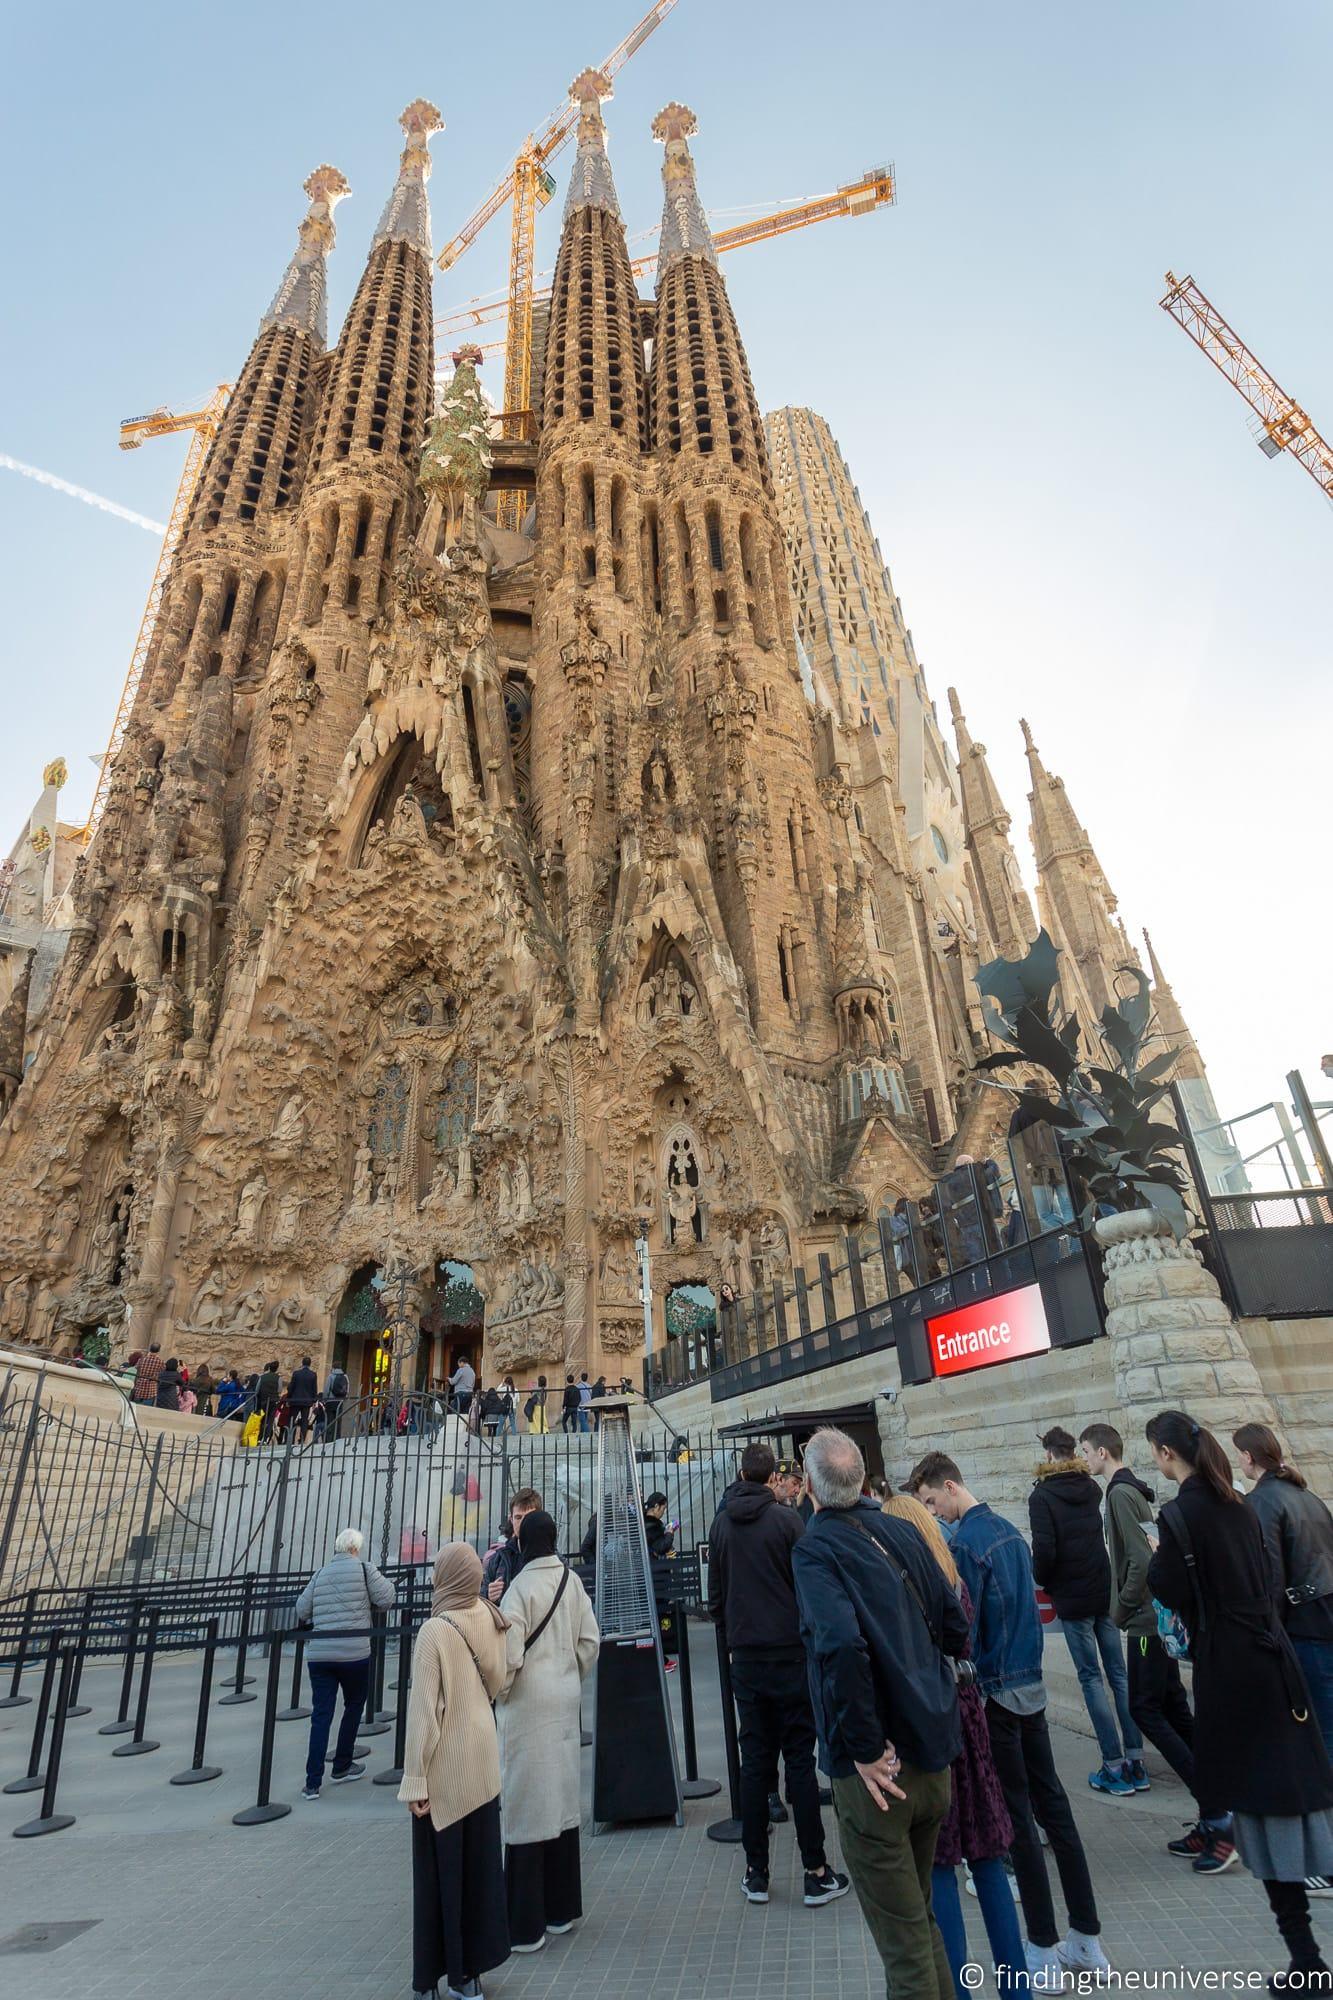 Sagrada Familia main entrance location